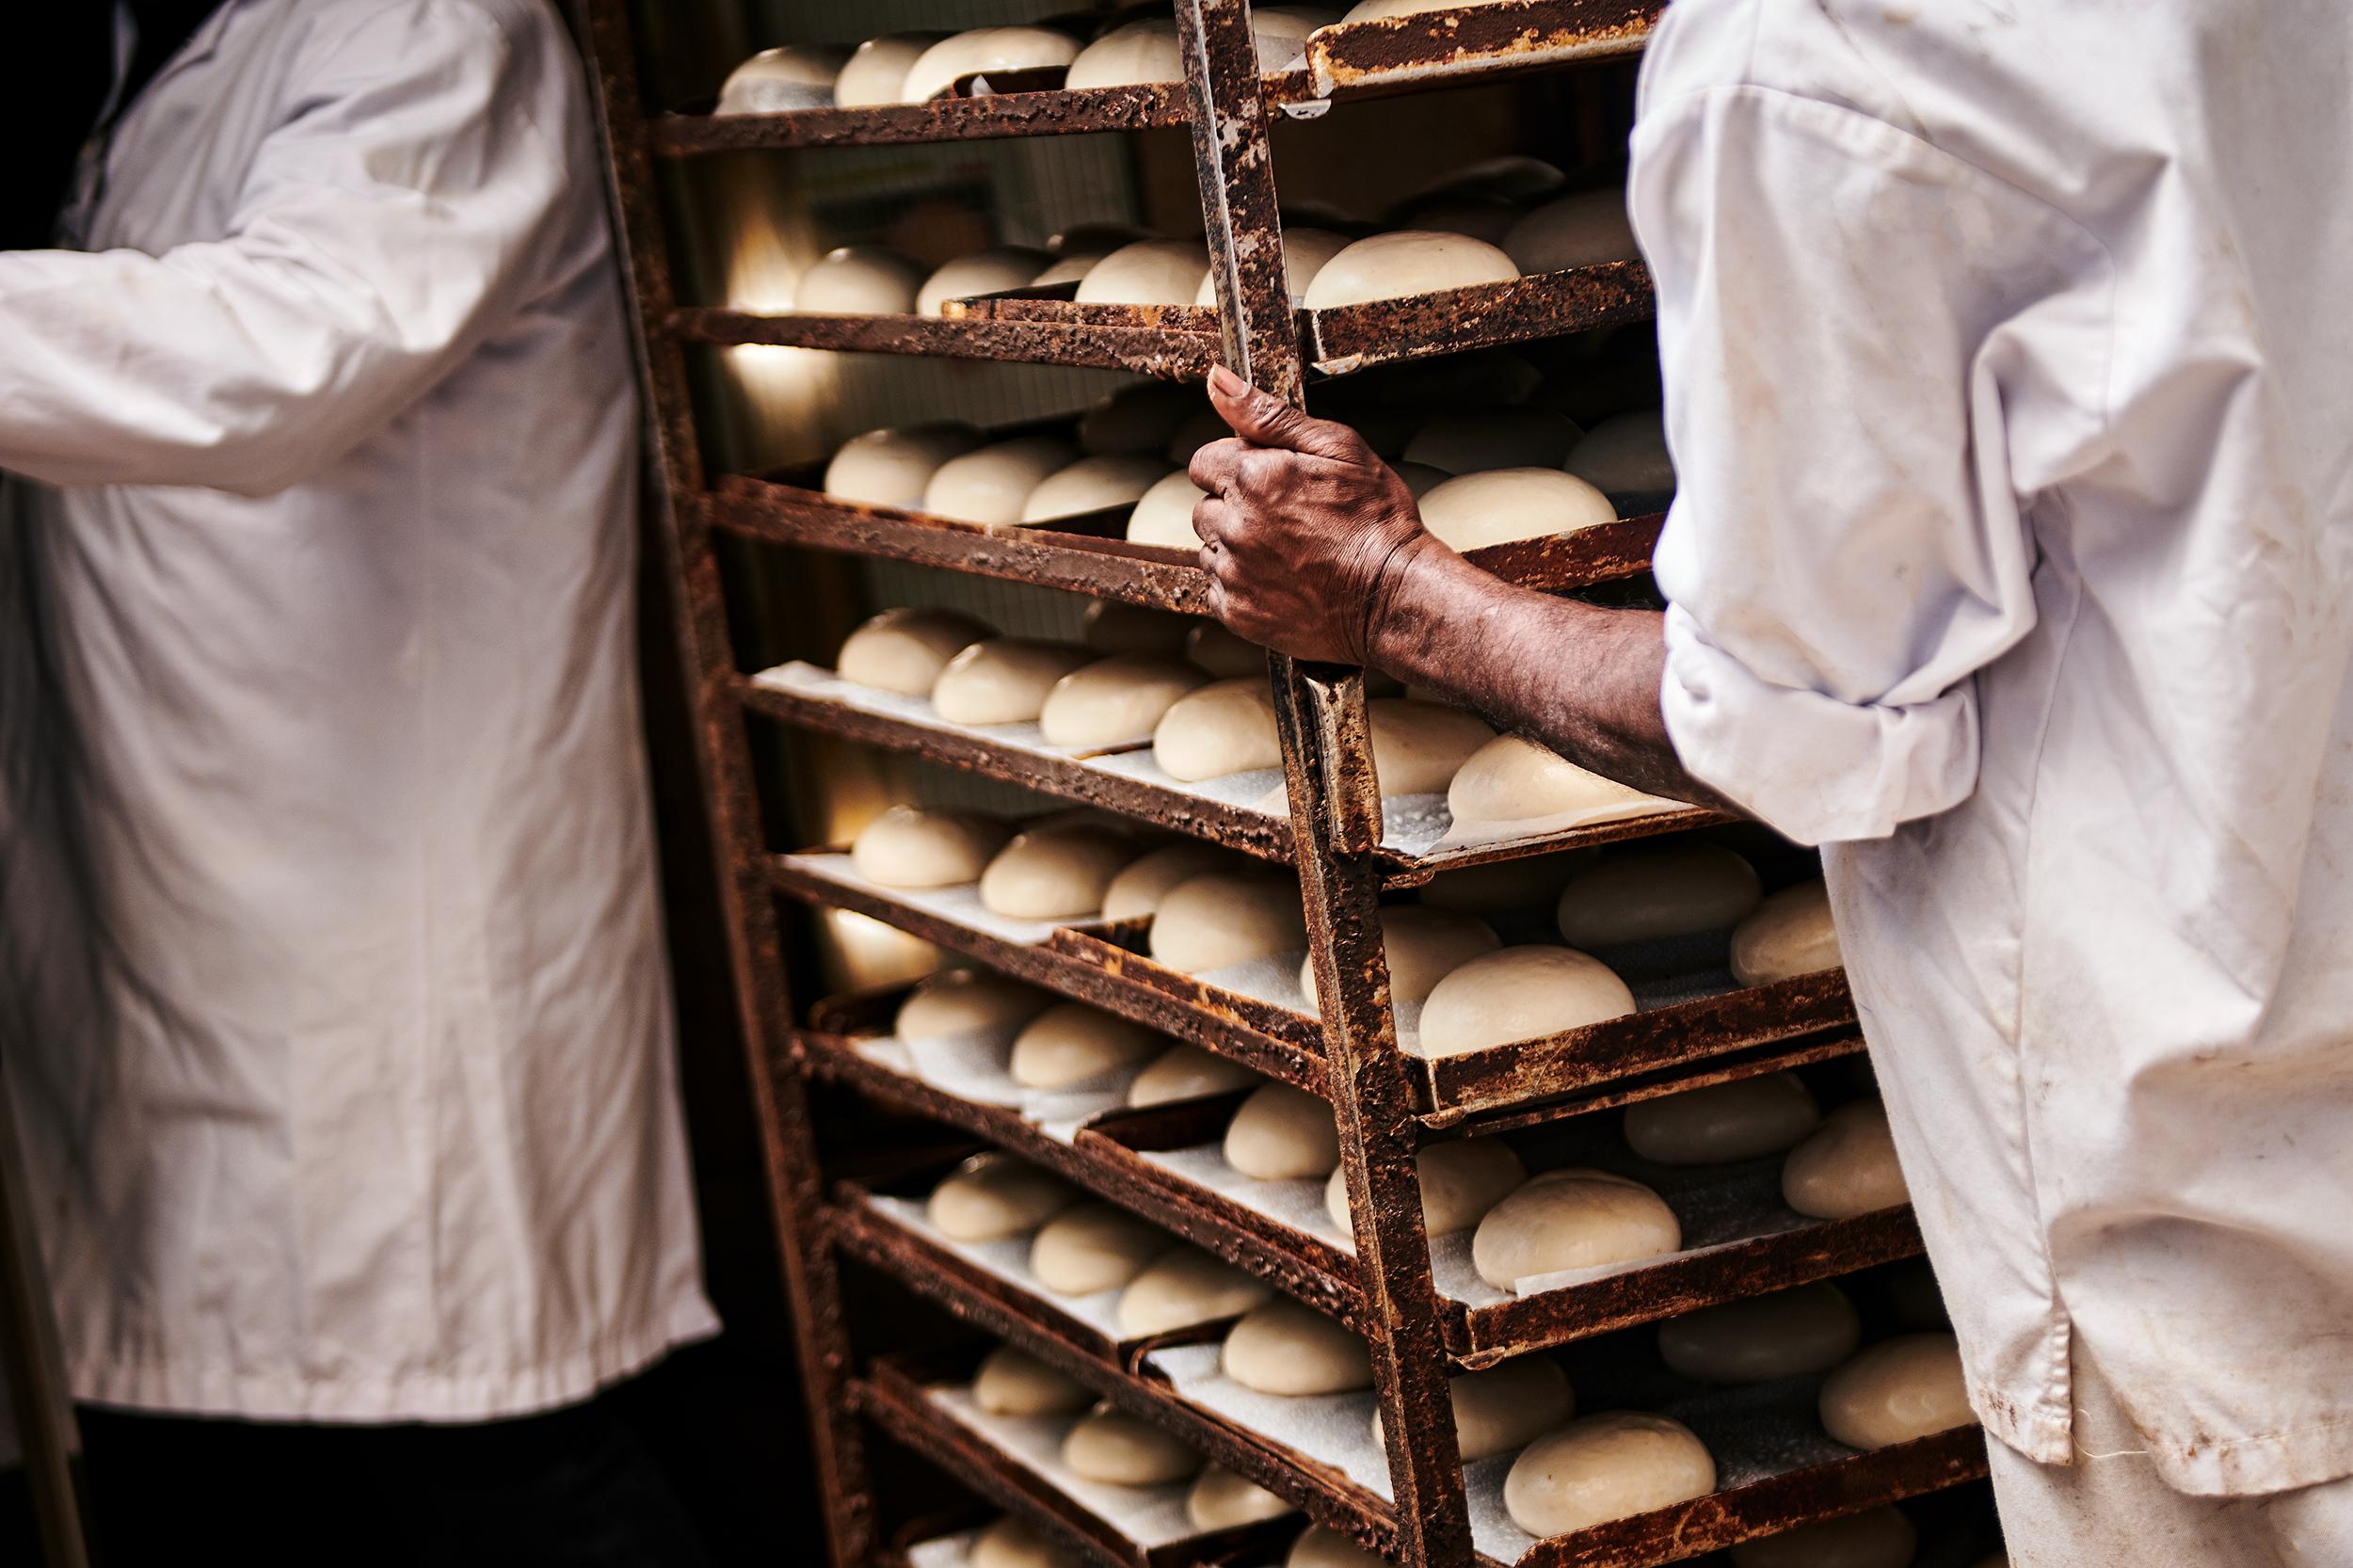 190307_byron_bread2455.jpg